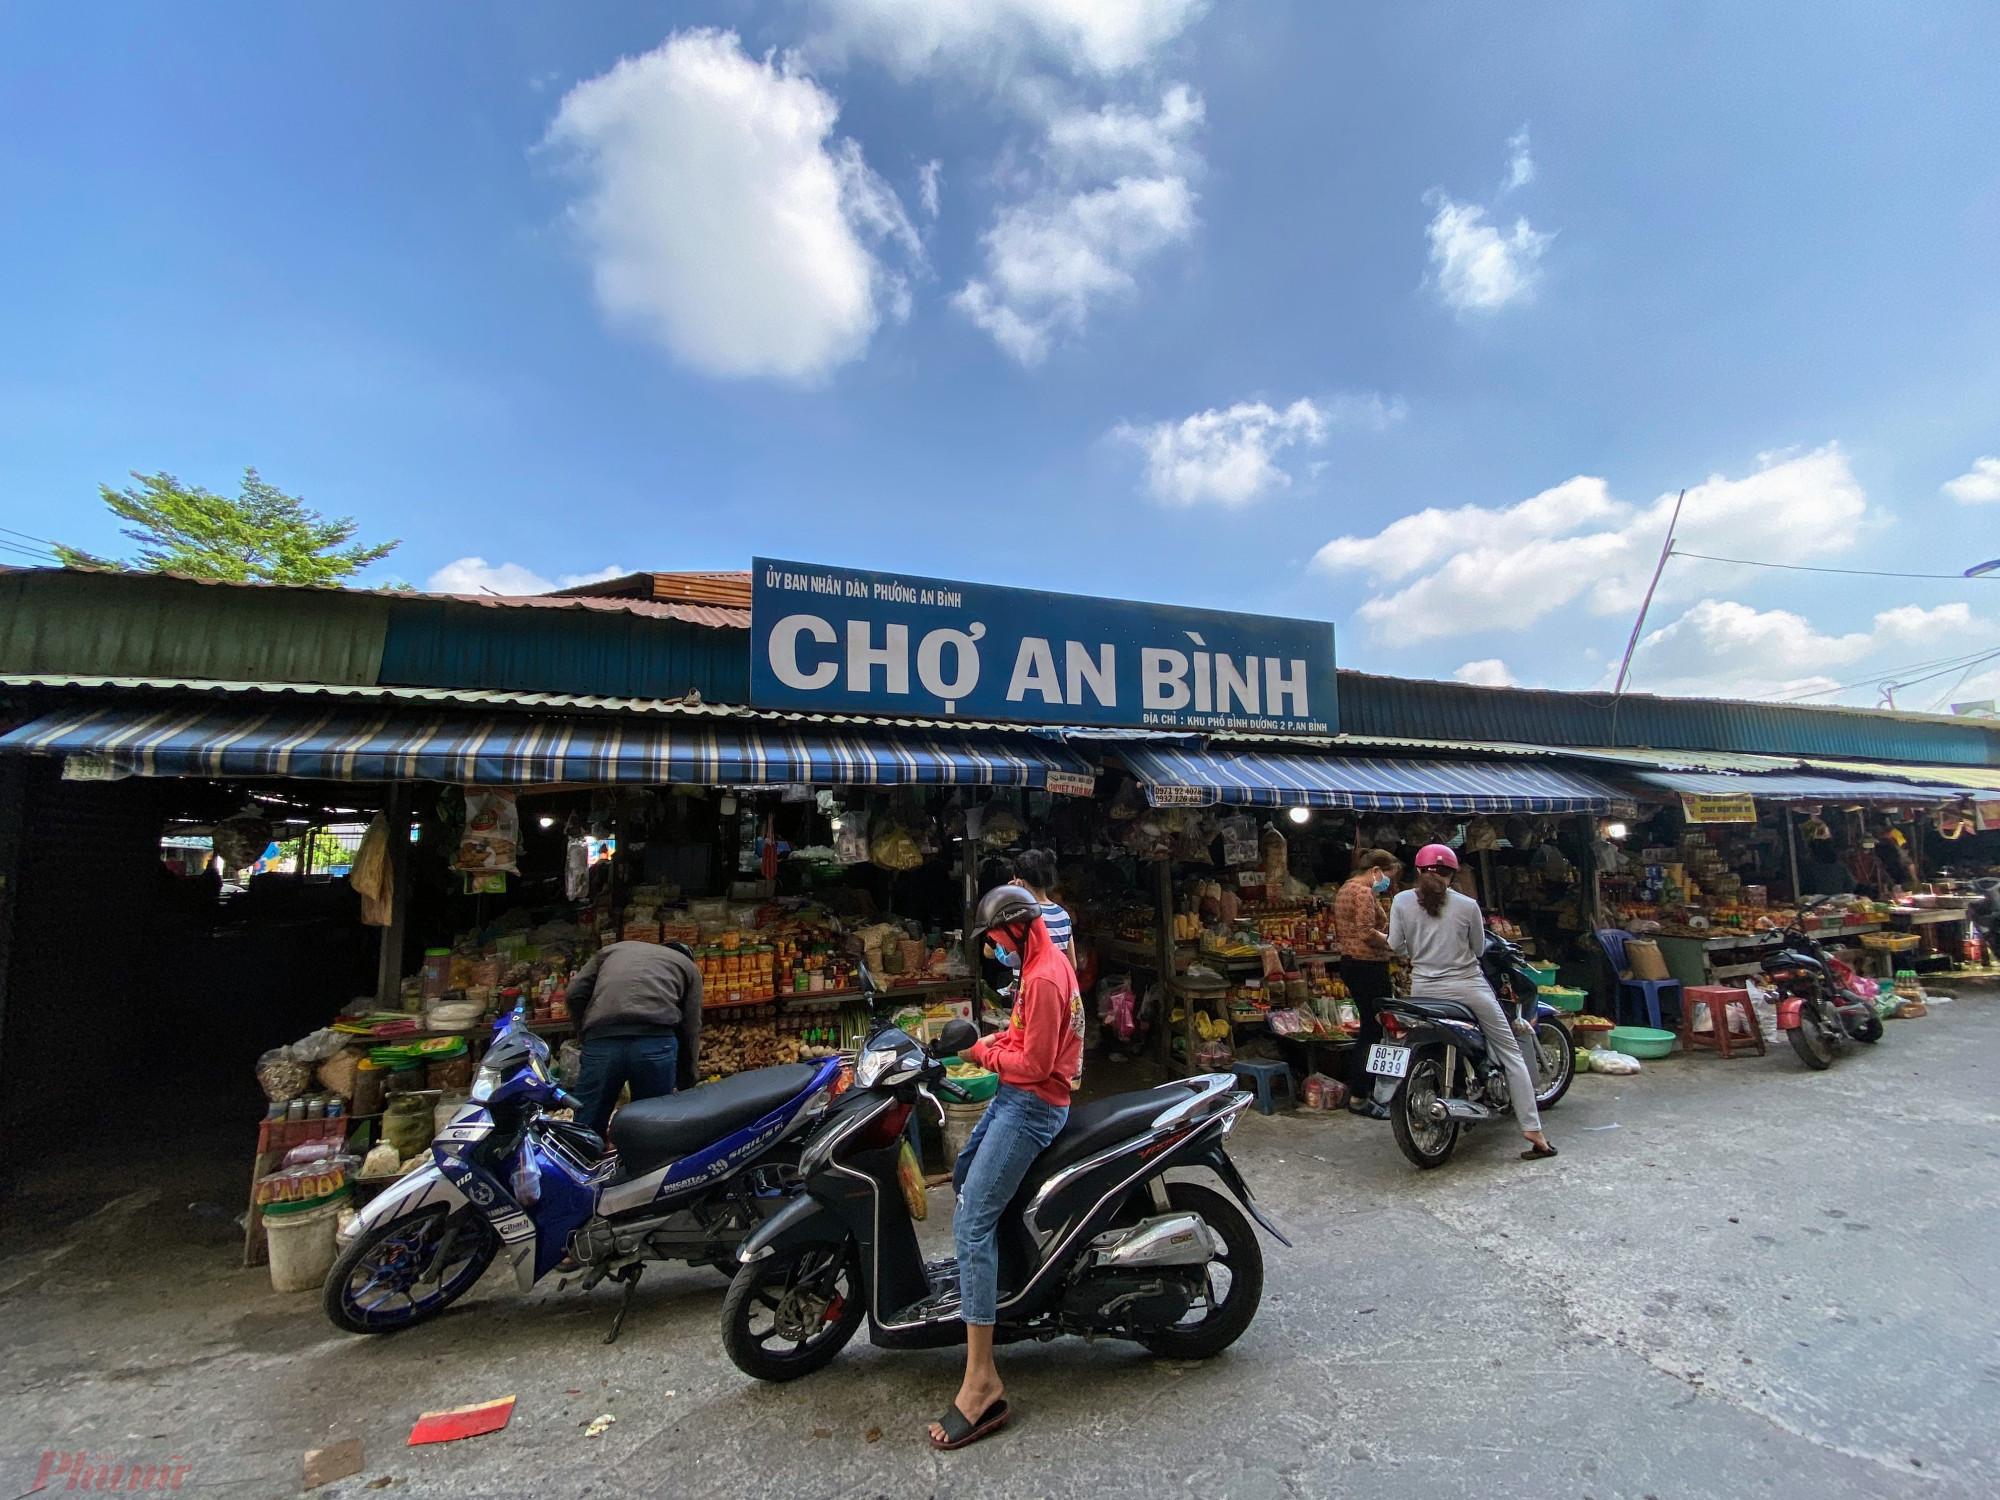 Nhiều người dân tại Thủ Đức đã sang các chợ như An Bình, chợ Dĩ An... thuộc Thành phố Dĩ An, tỉnh Bình Dương nằm tại khu vực giáp ranh với các phường Linh Tây, Linh Trung (TP Thủ Đức). thuộc địa bàn Dĩ An mua thực phẩm khi nhiều chợ tại TPHCM tạm dừng hoạt động.